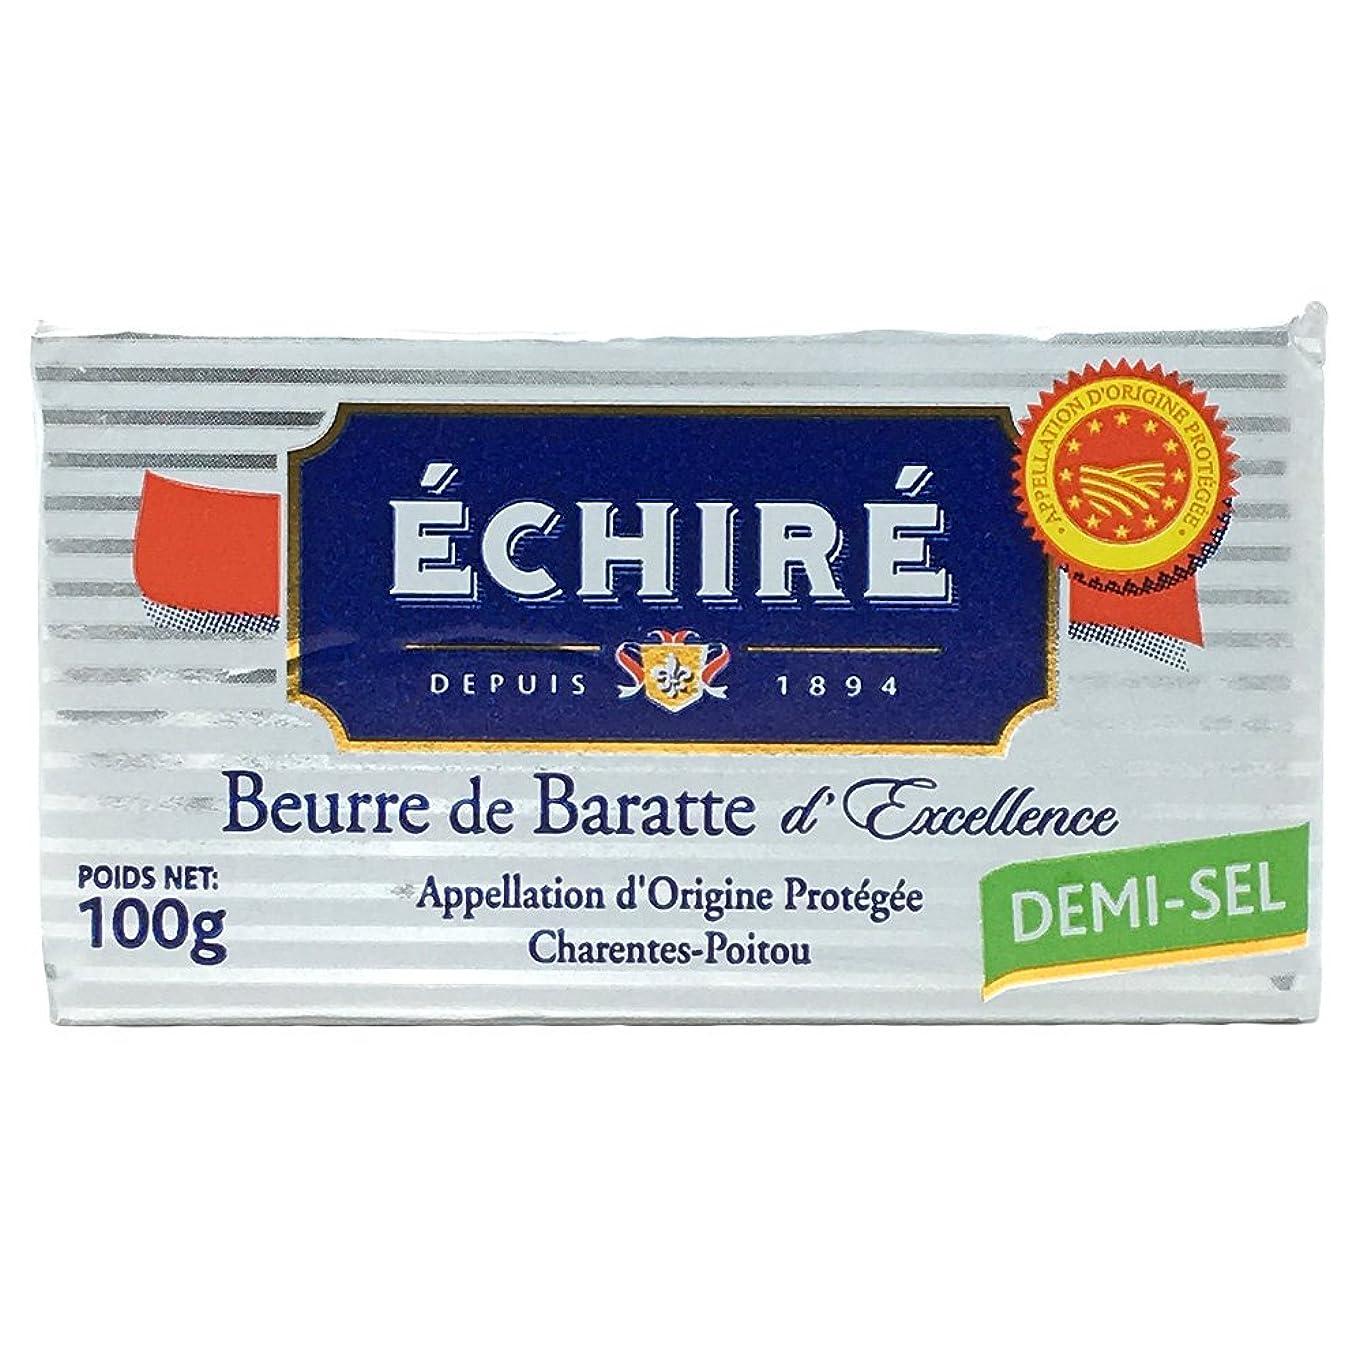 パワーセル杭コンテスト100% オーガニックギー(Ghee)バター, 8oz (海外直送品)